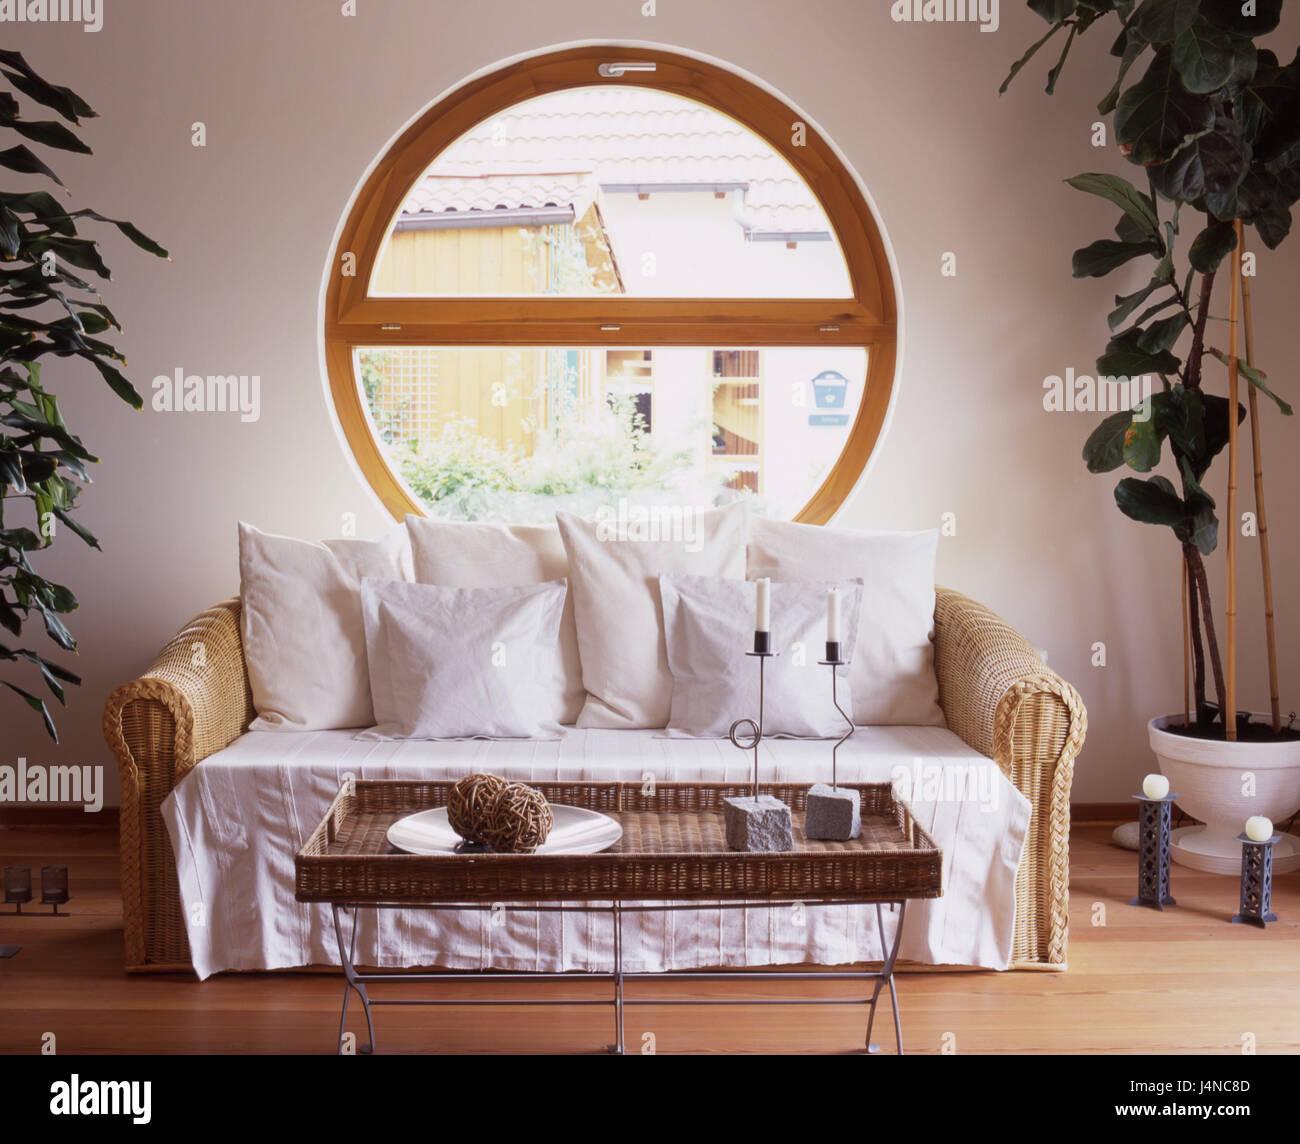 Wicker Piece Furniture Stockfotos & Wicker Piece Furniture Bilder ...